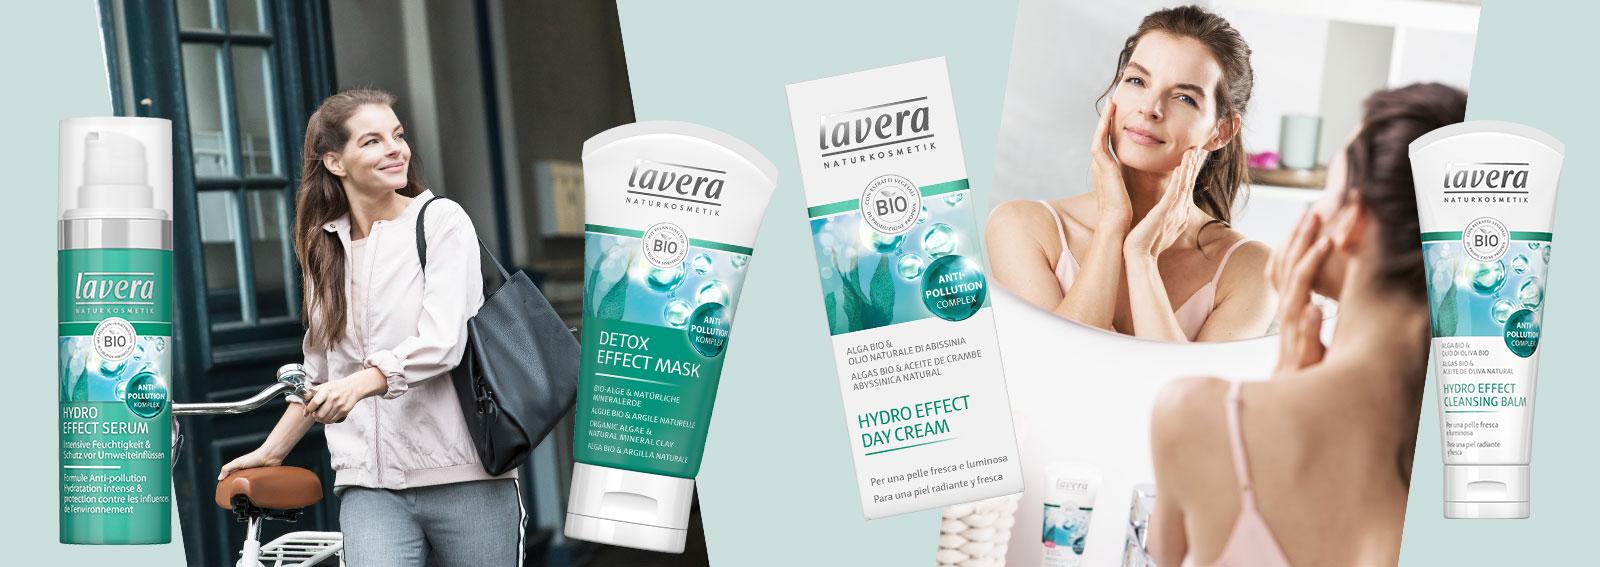 lavera-desktop3